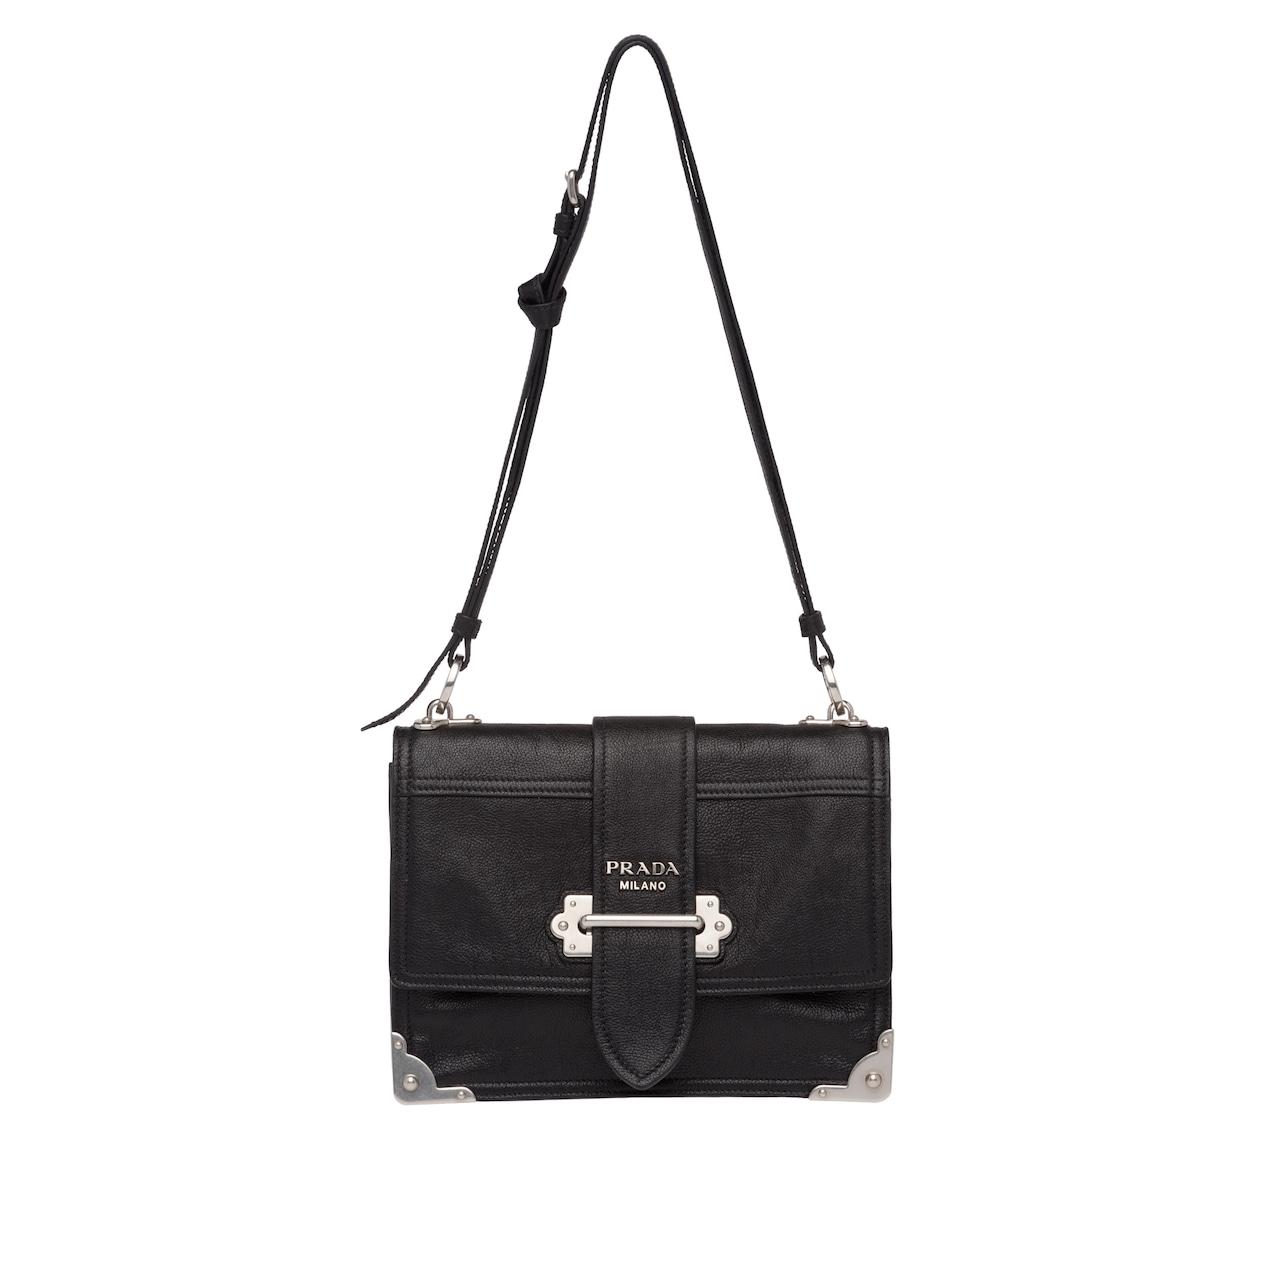 Prada Cahier leather shoulder bag